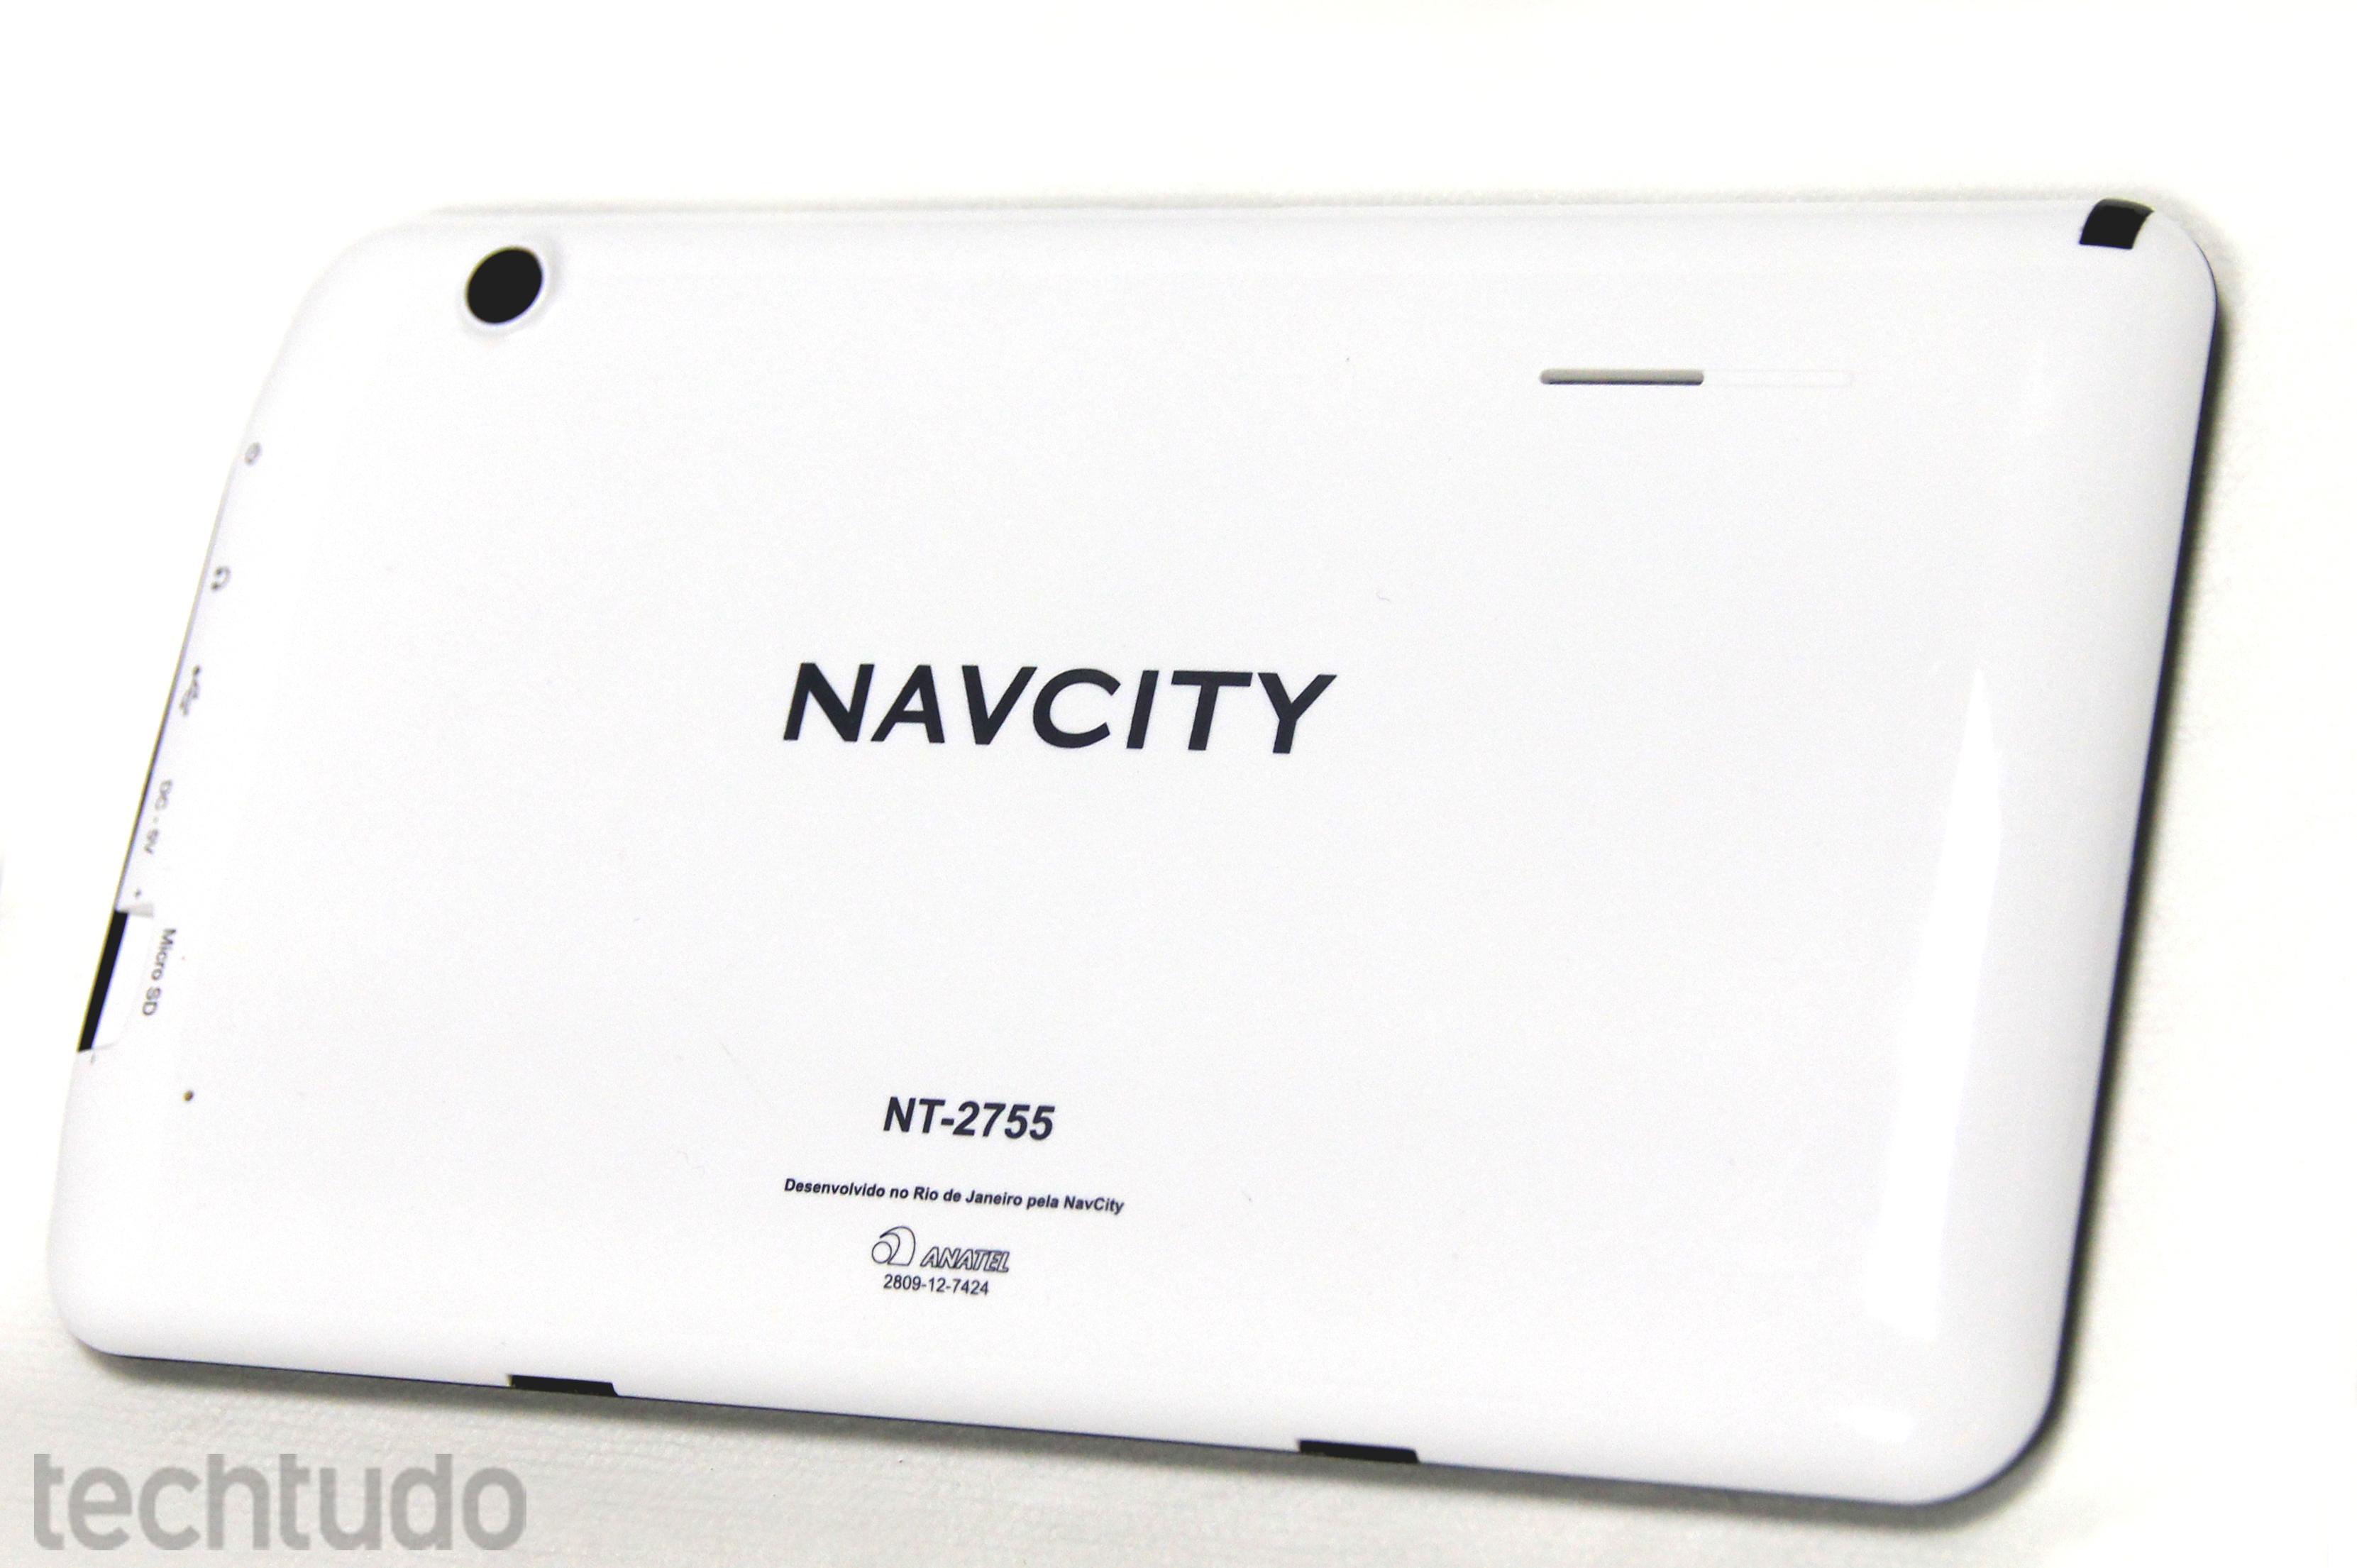 NT-2755 (Foto: TechTudo)